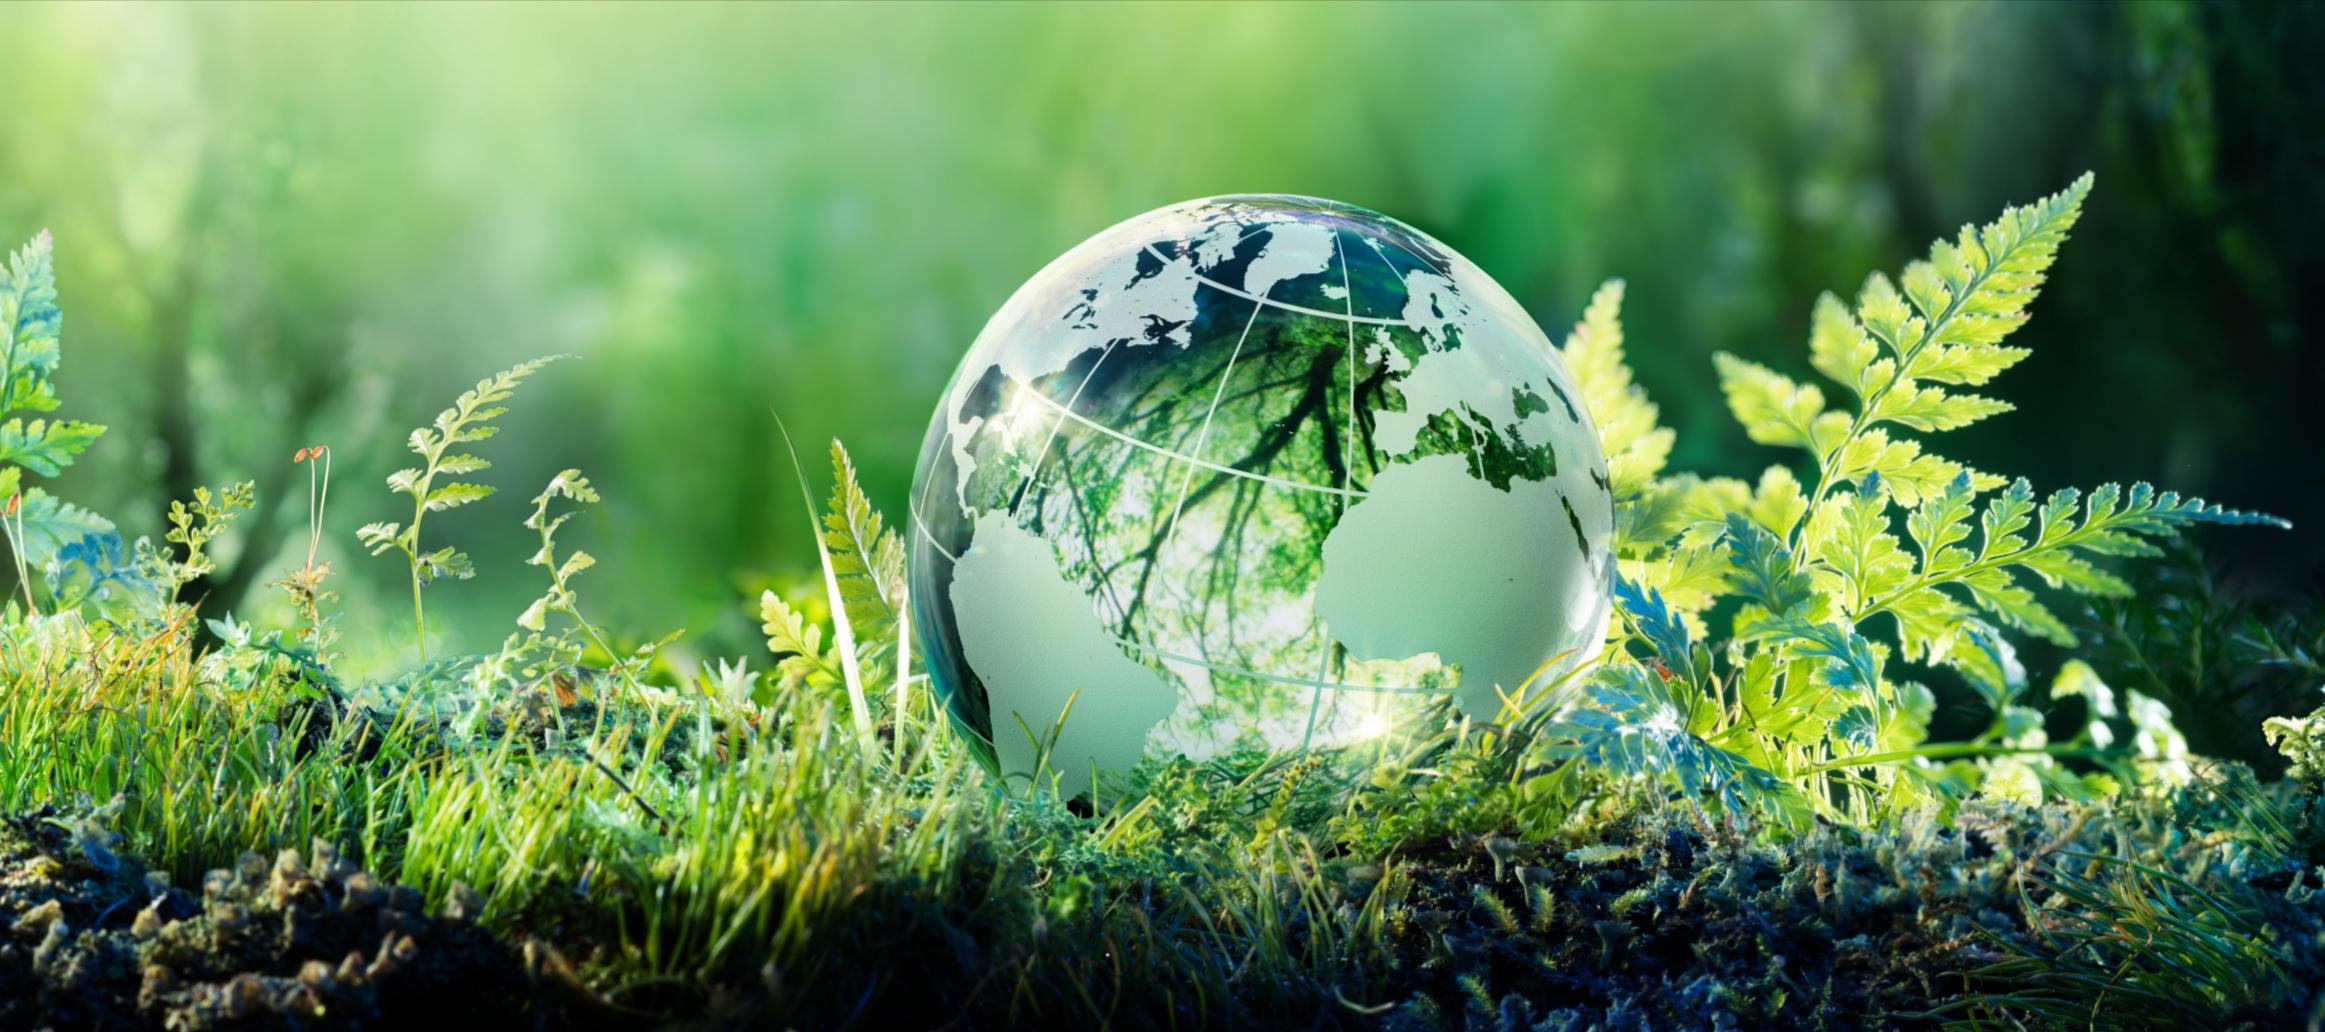 Globus in Wiese